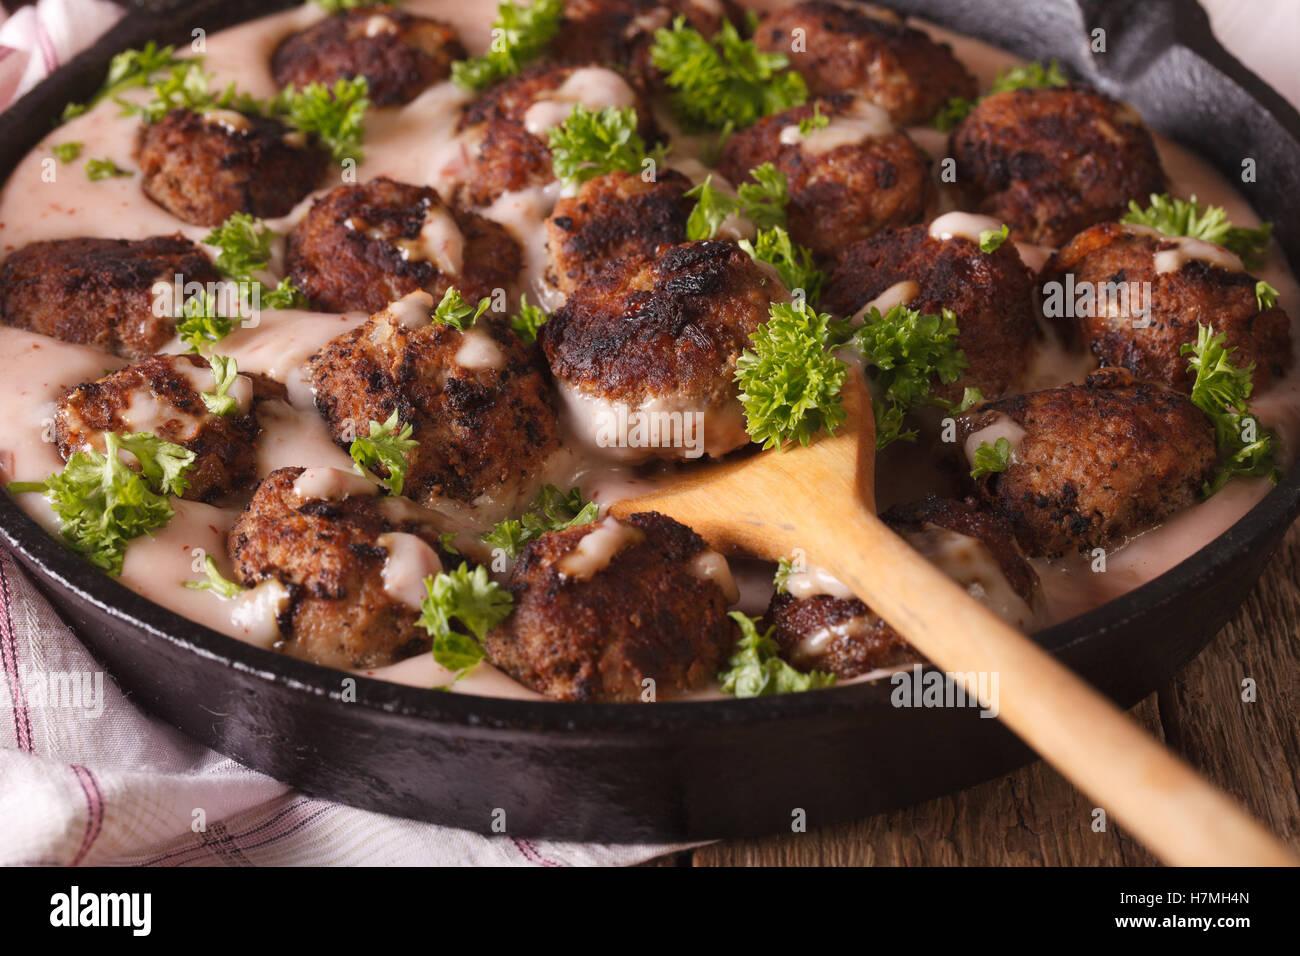 Kottbullar boulettes suédoises en sauce airelle rouge dans une casserole horizontale de macro. Photo Stock